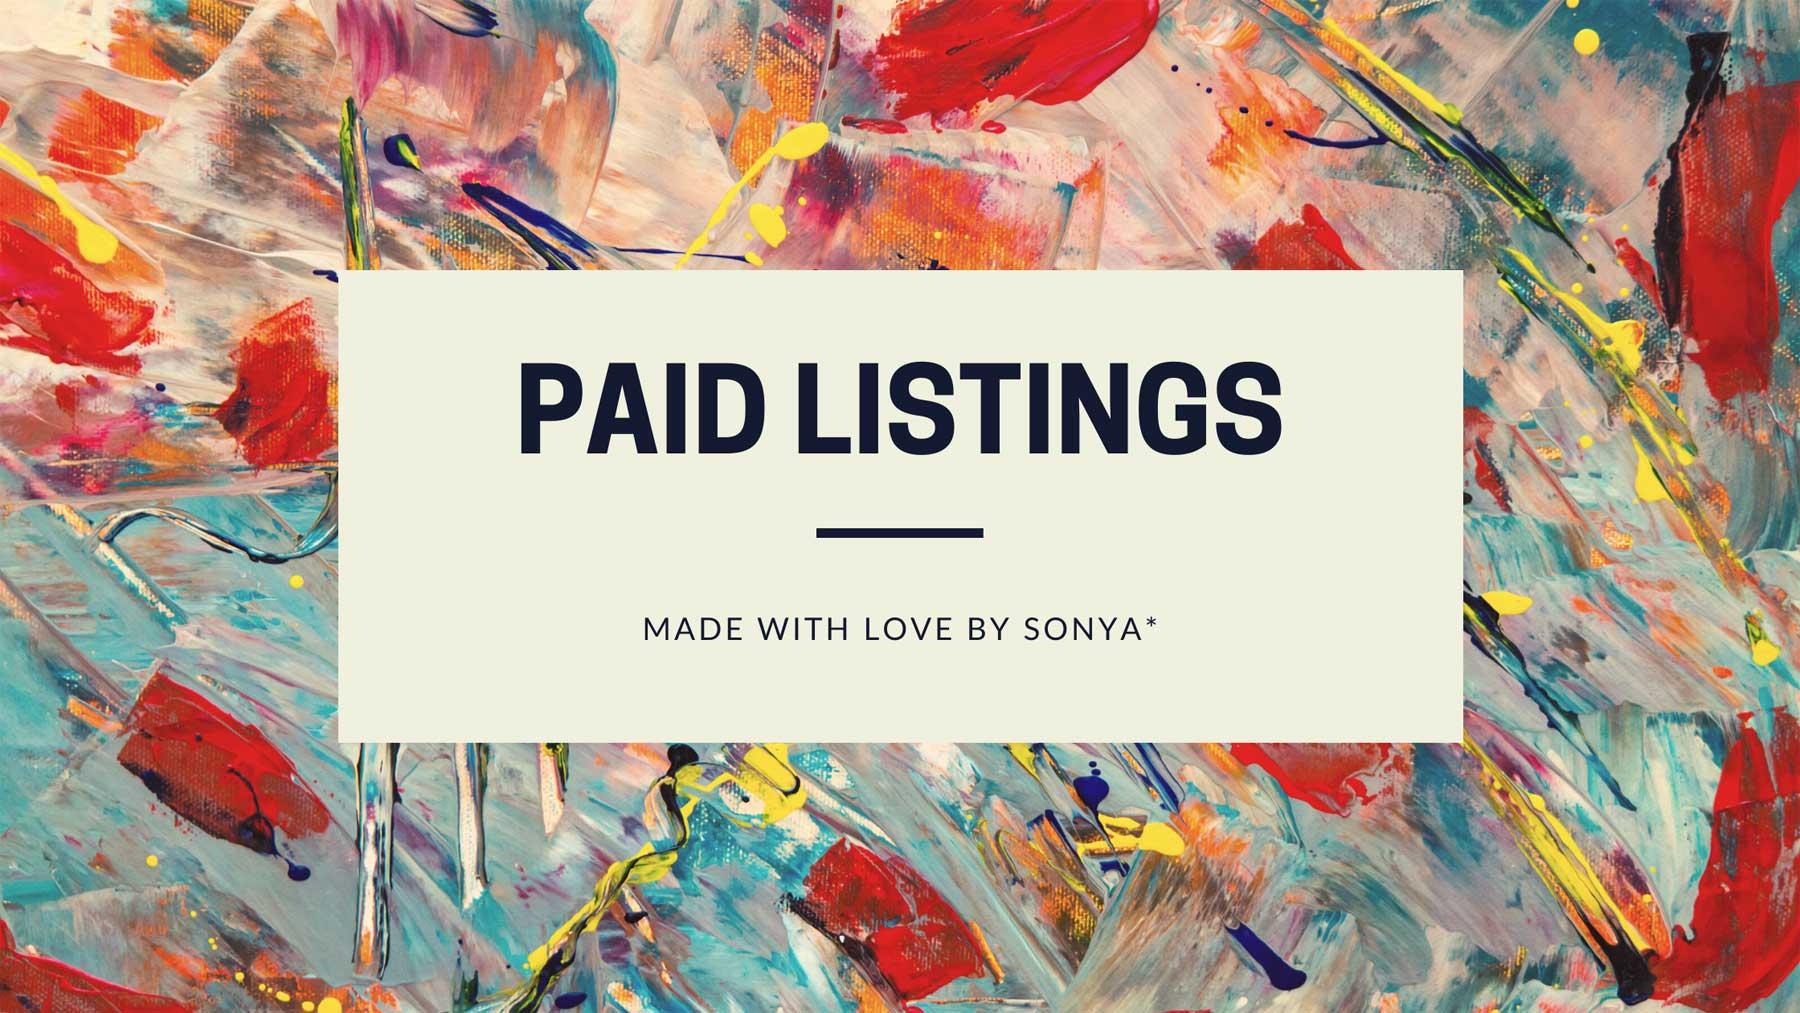 Paid Listings